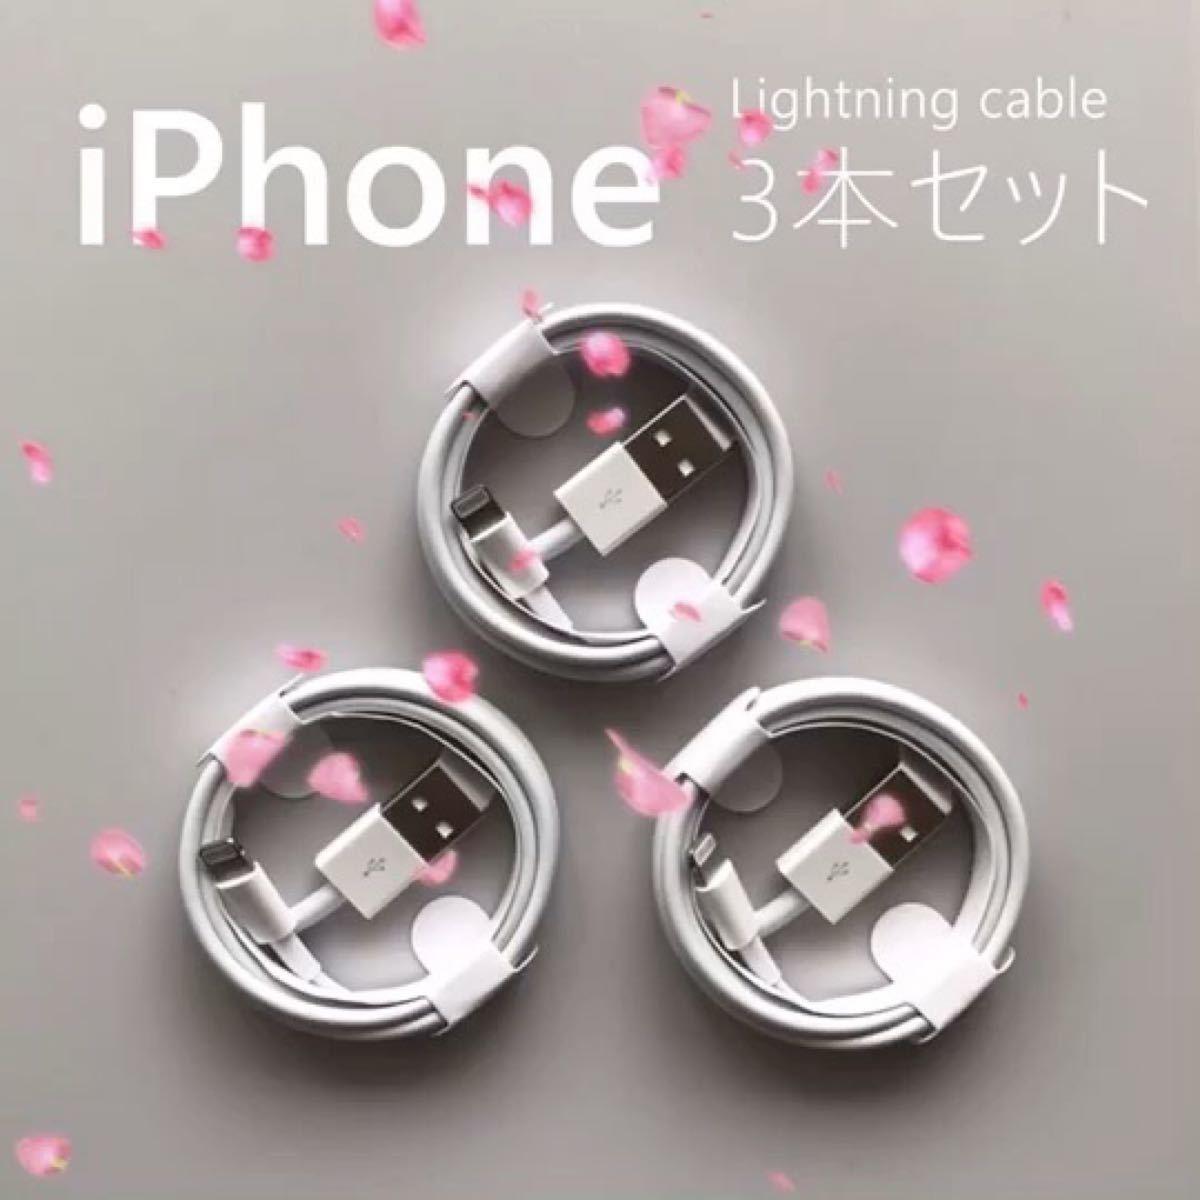 充電ケーブル ライトニング ケーブル lightning iPhone ケーブル 3本